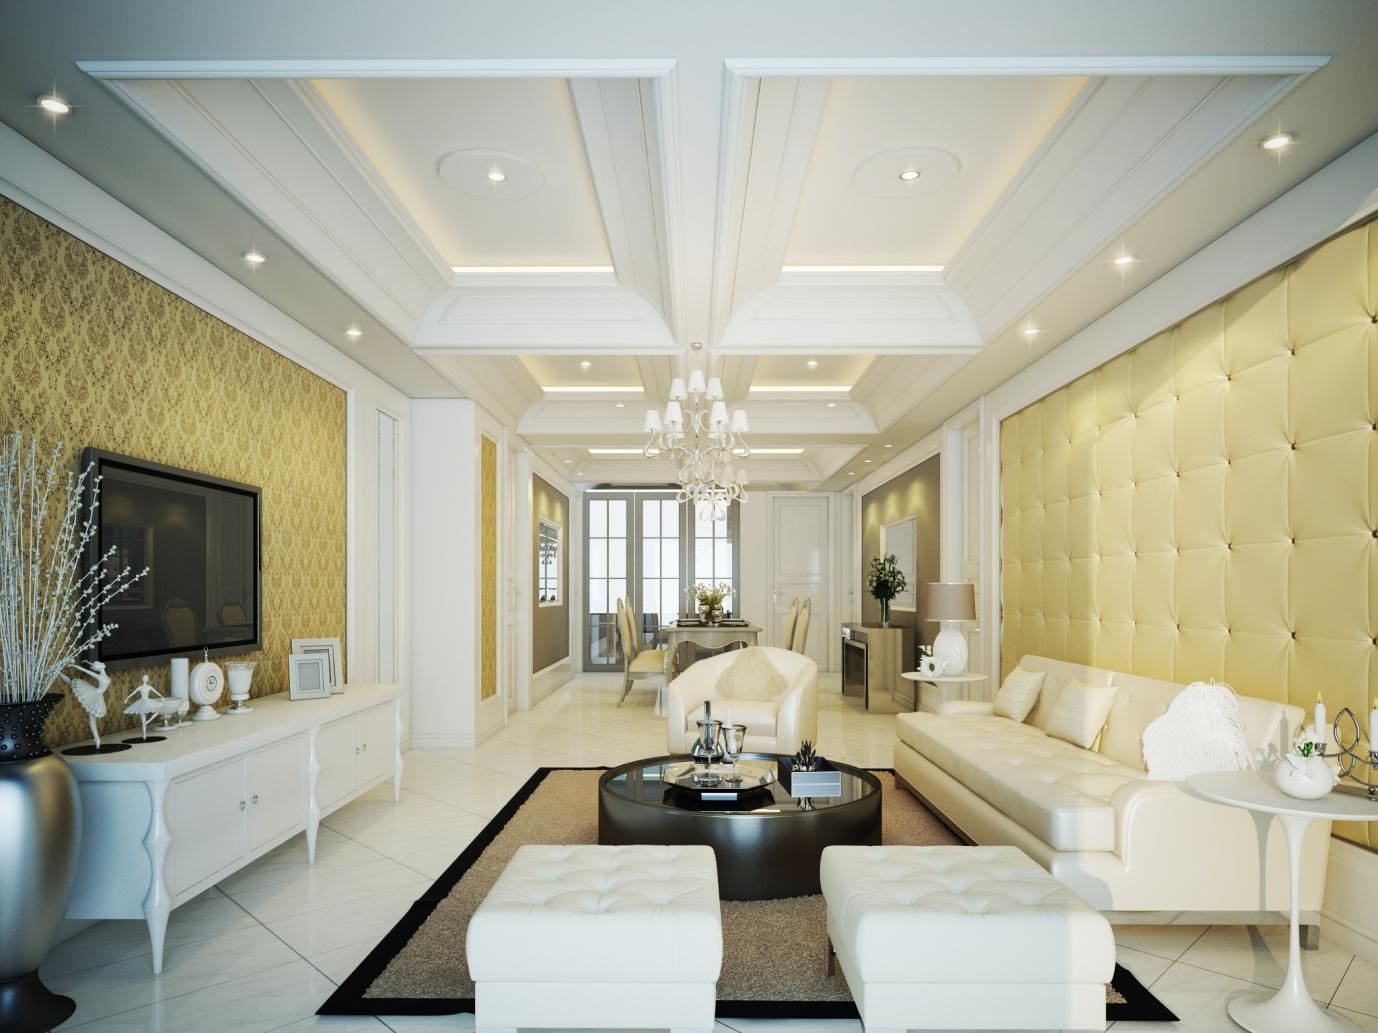 trần thạch cao phòng khách đẹp cổ điển